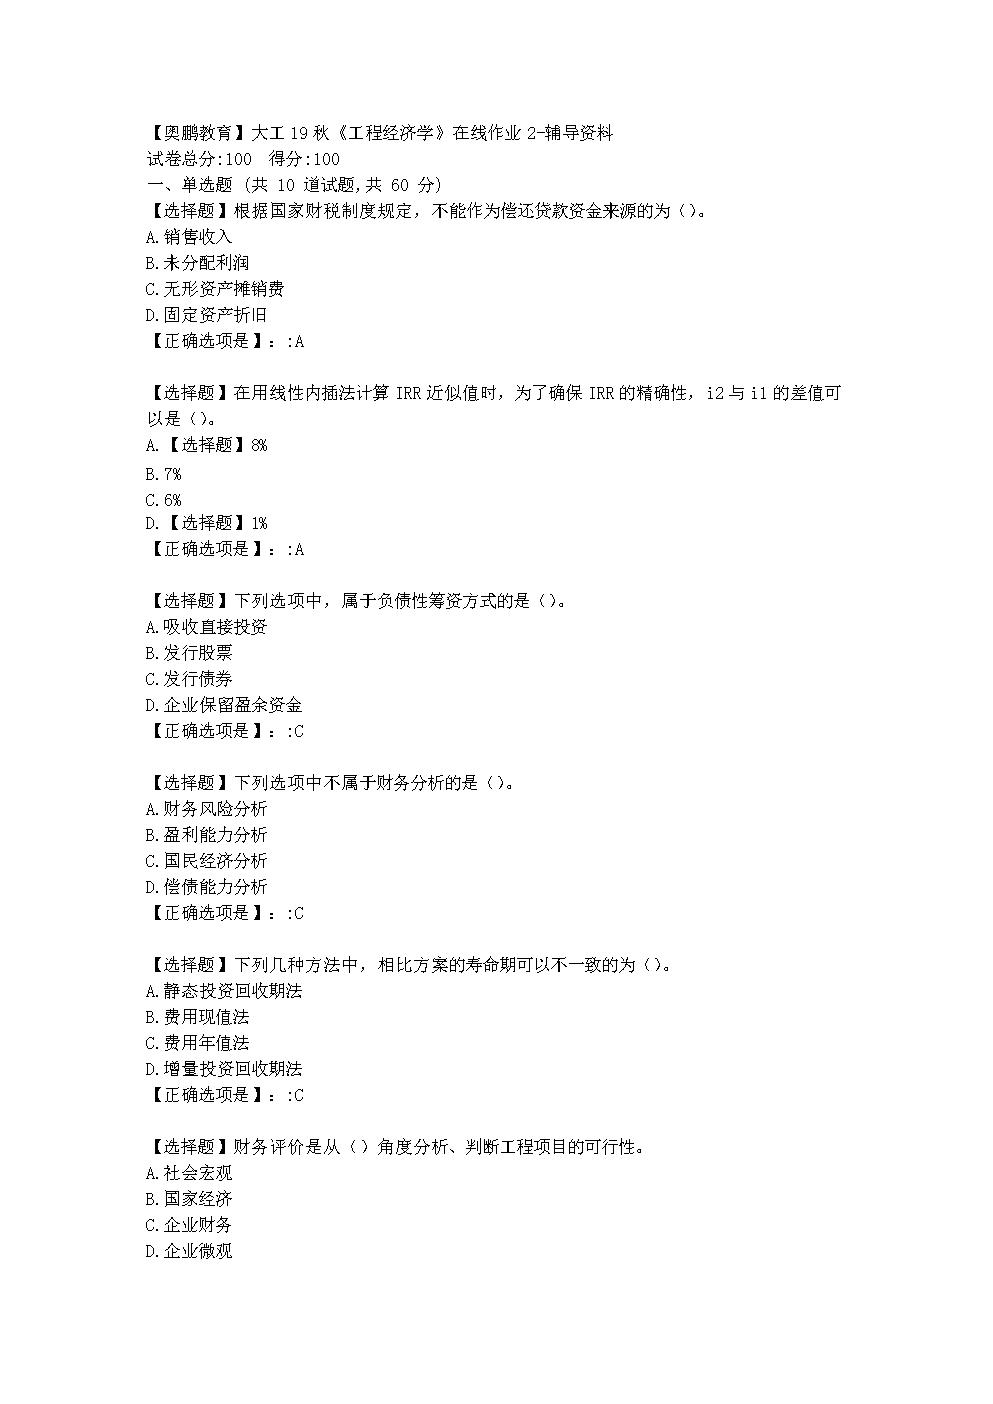 大连理工大学19秋《工程经济学》在线作业2学习资料.doc